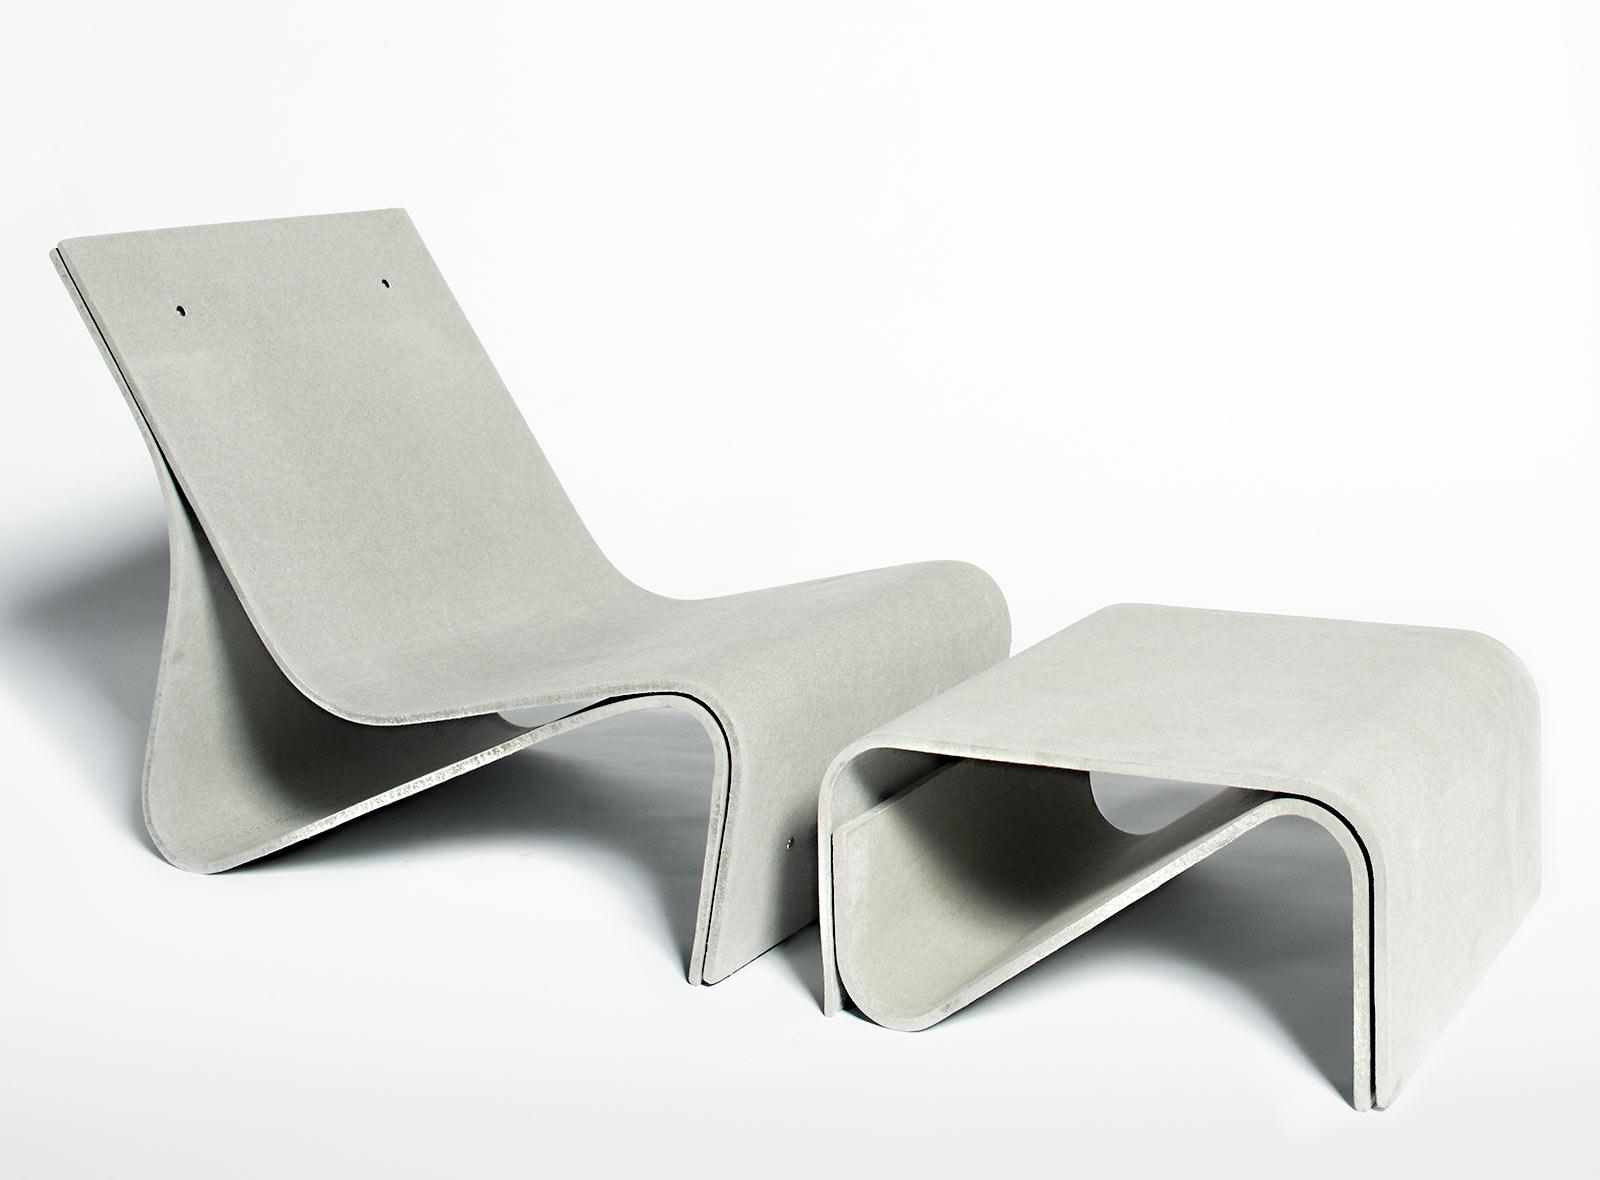 Sponeck Stuhl, Designerin Julia von Sponecks